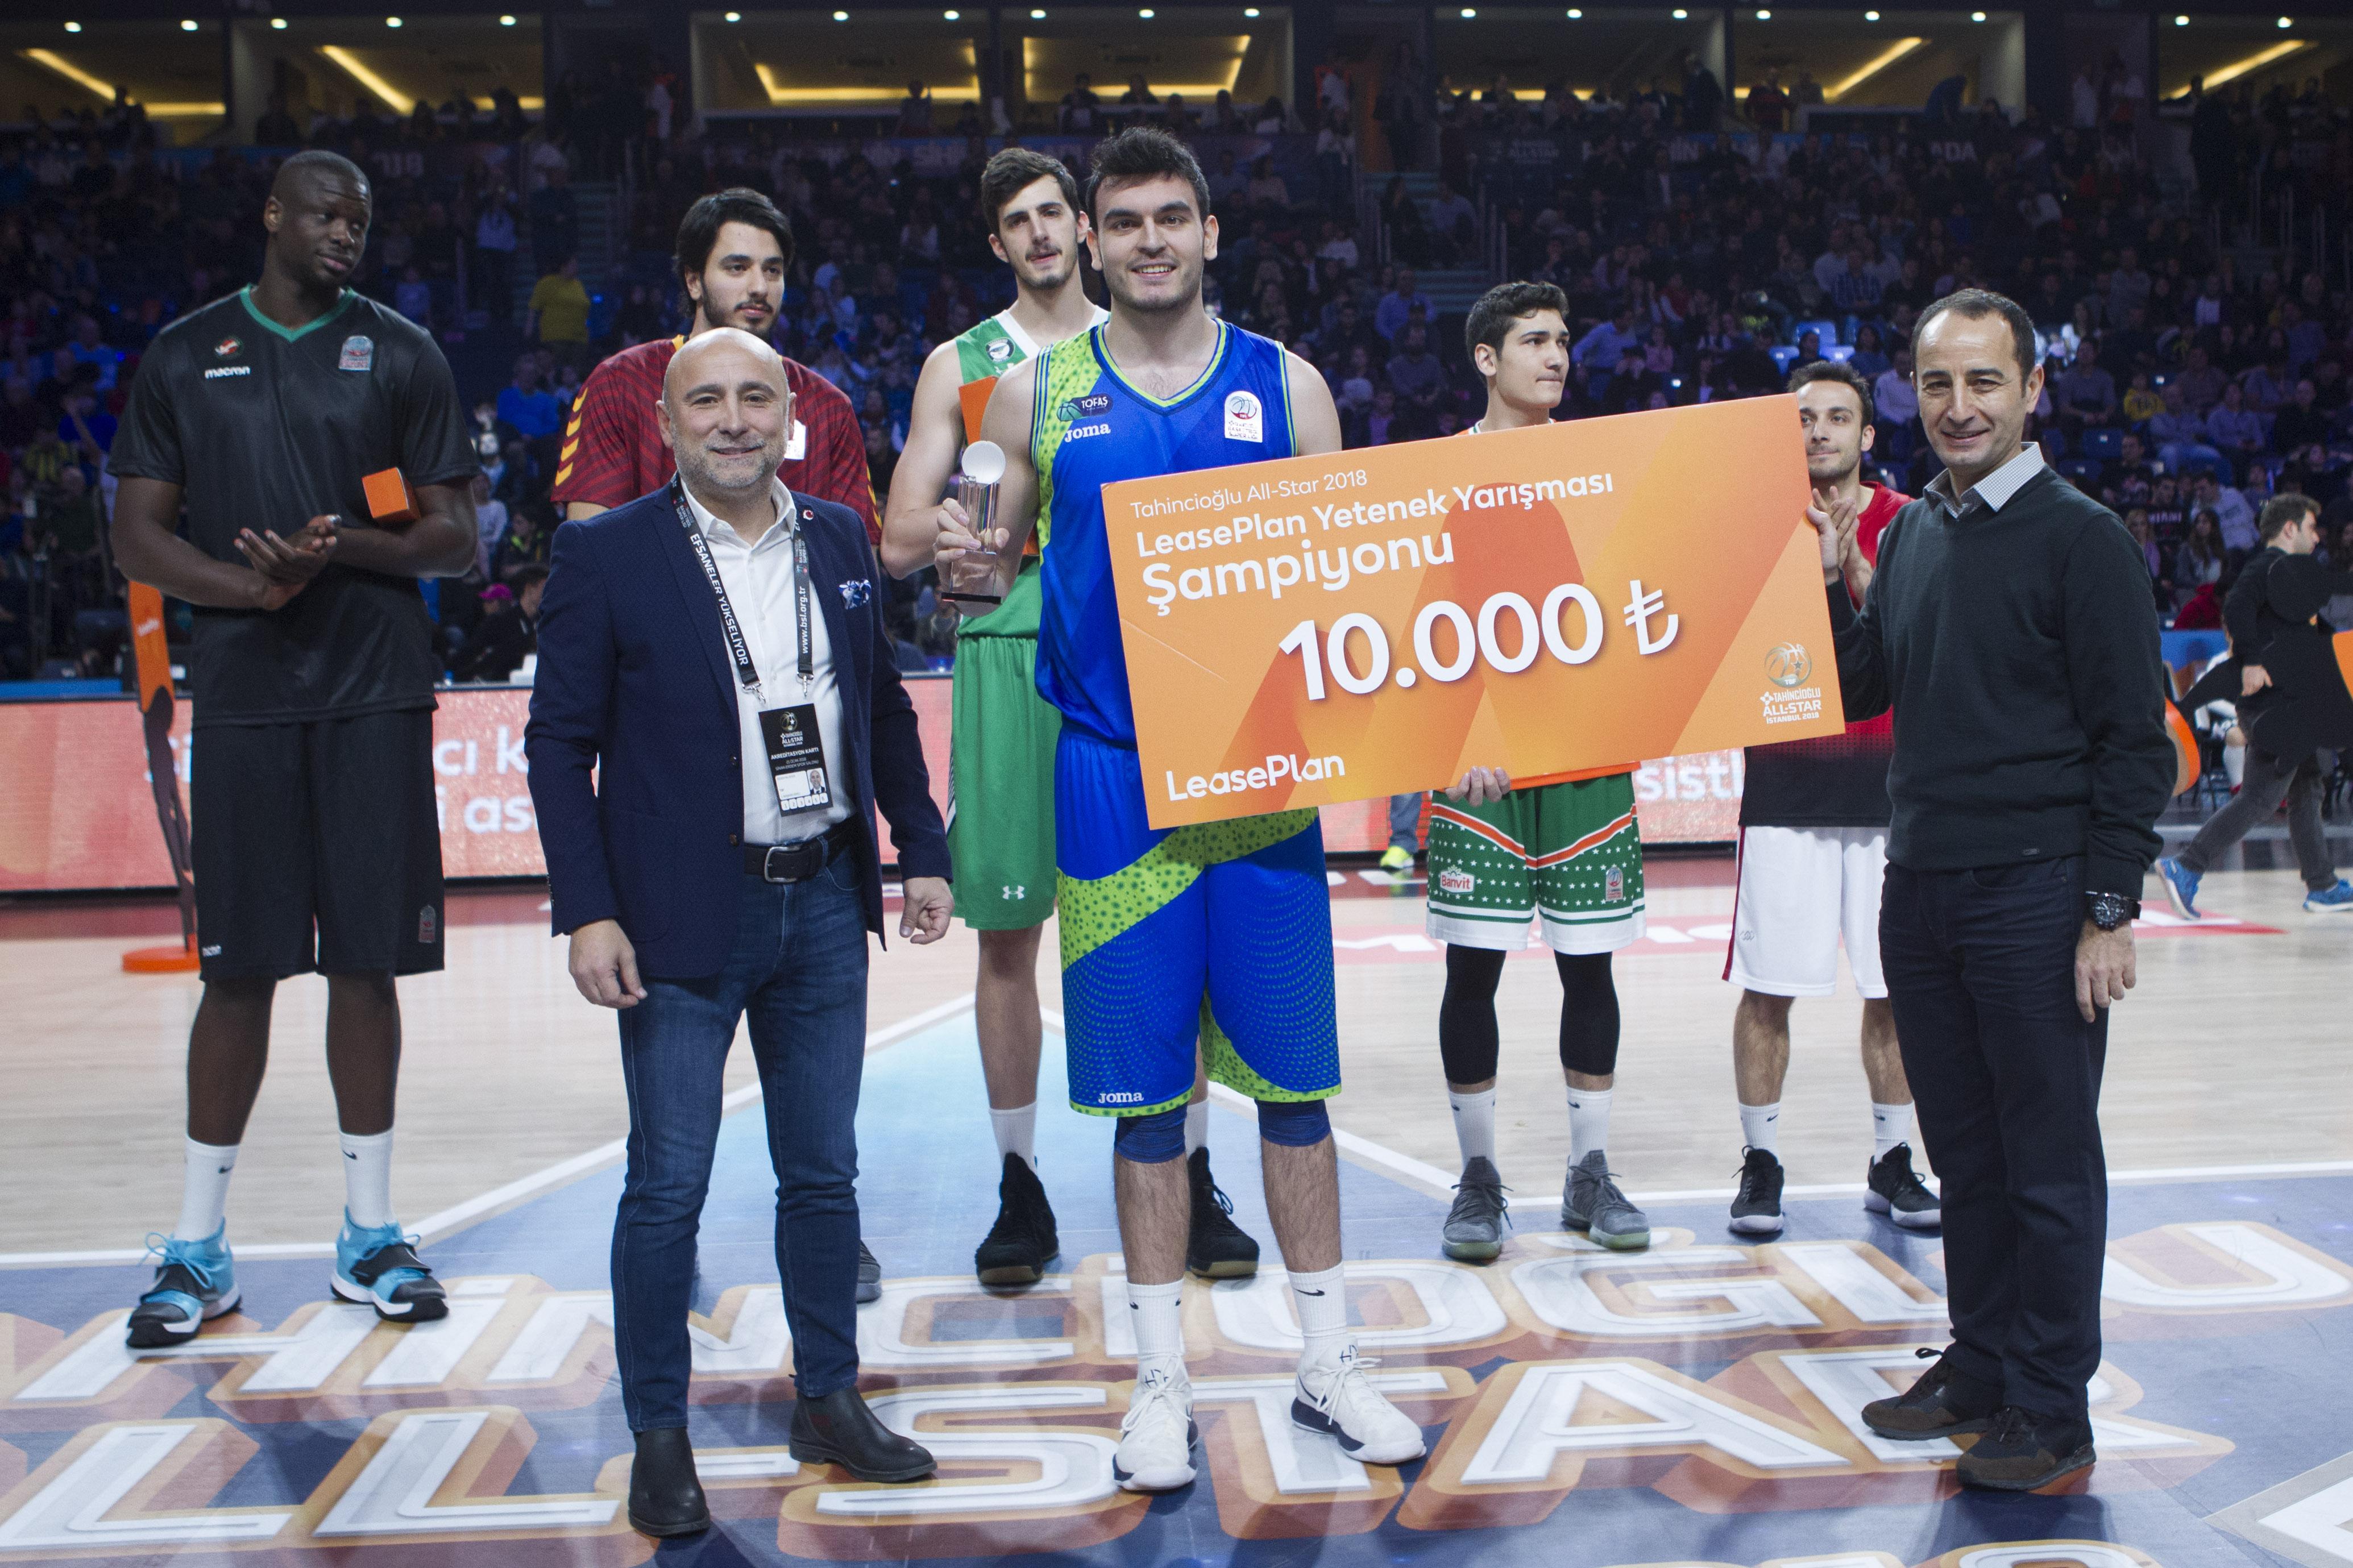 LeasePlan Yetenek Yarışması'nın Galibi Tofaş'tan Yiğit Arslan Oldu!